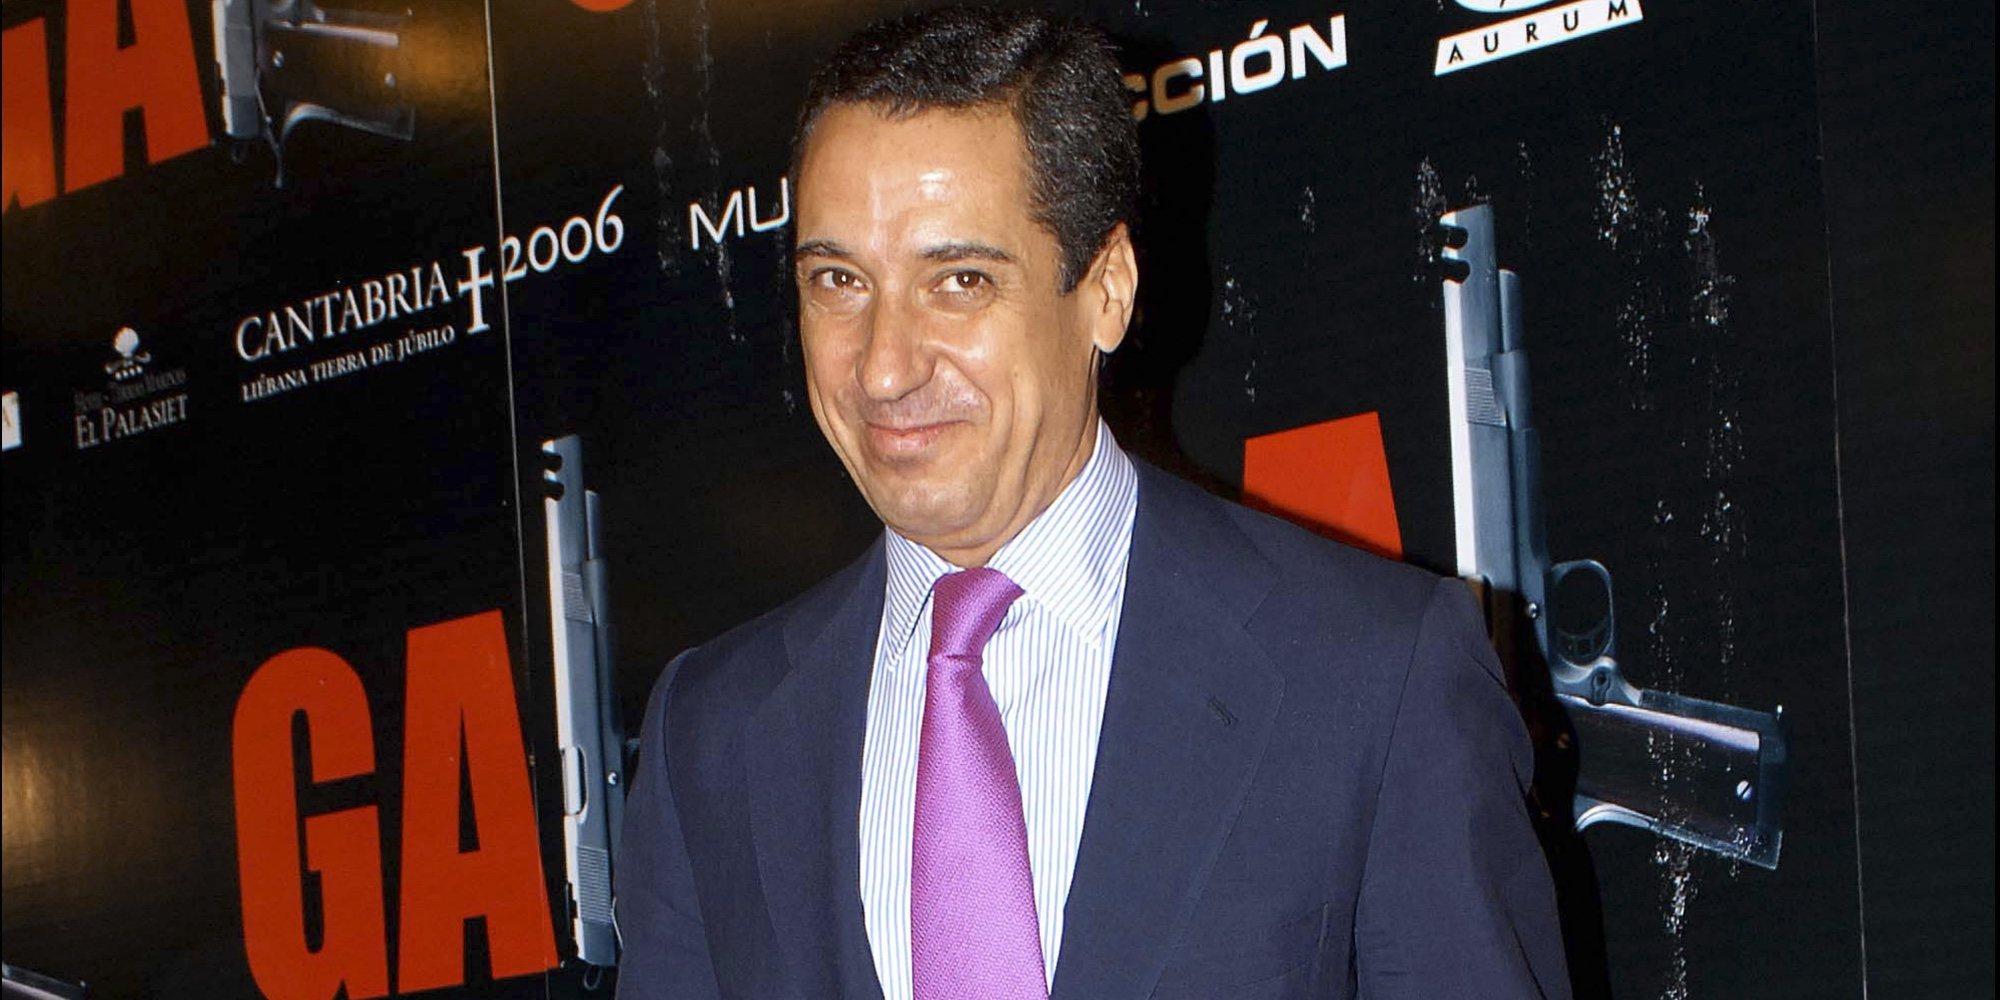 Eduardo Zaplana obtiene la libertad tras serle bloqueados 6,7 millones de dinero negro en el extranjero